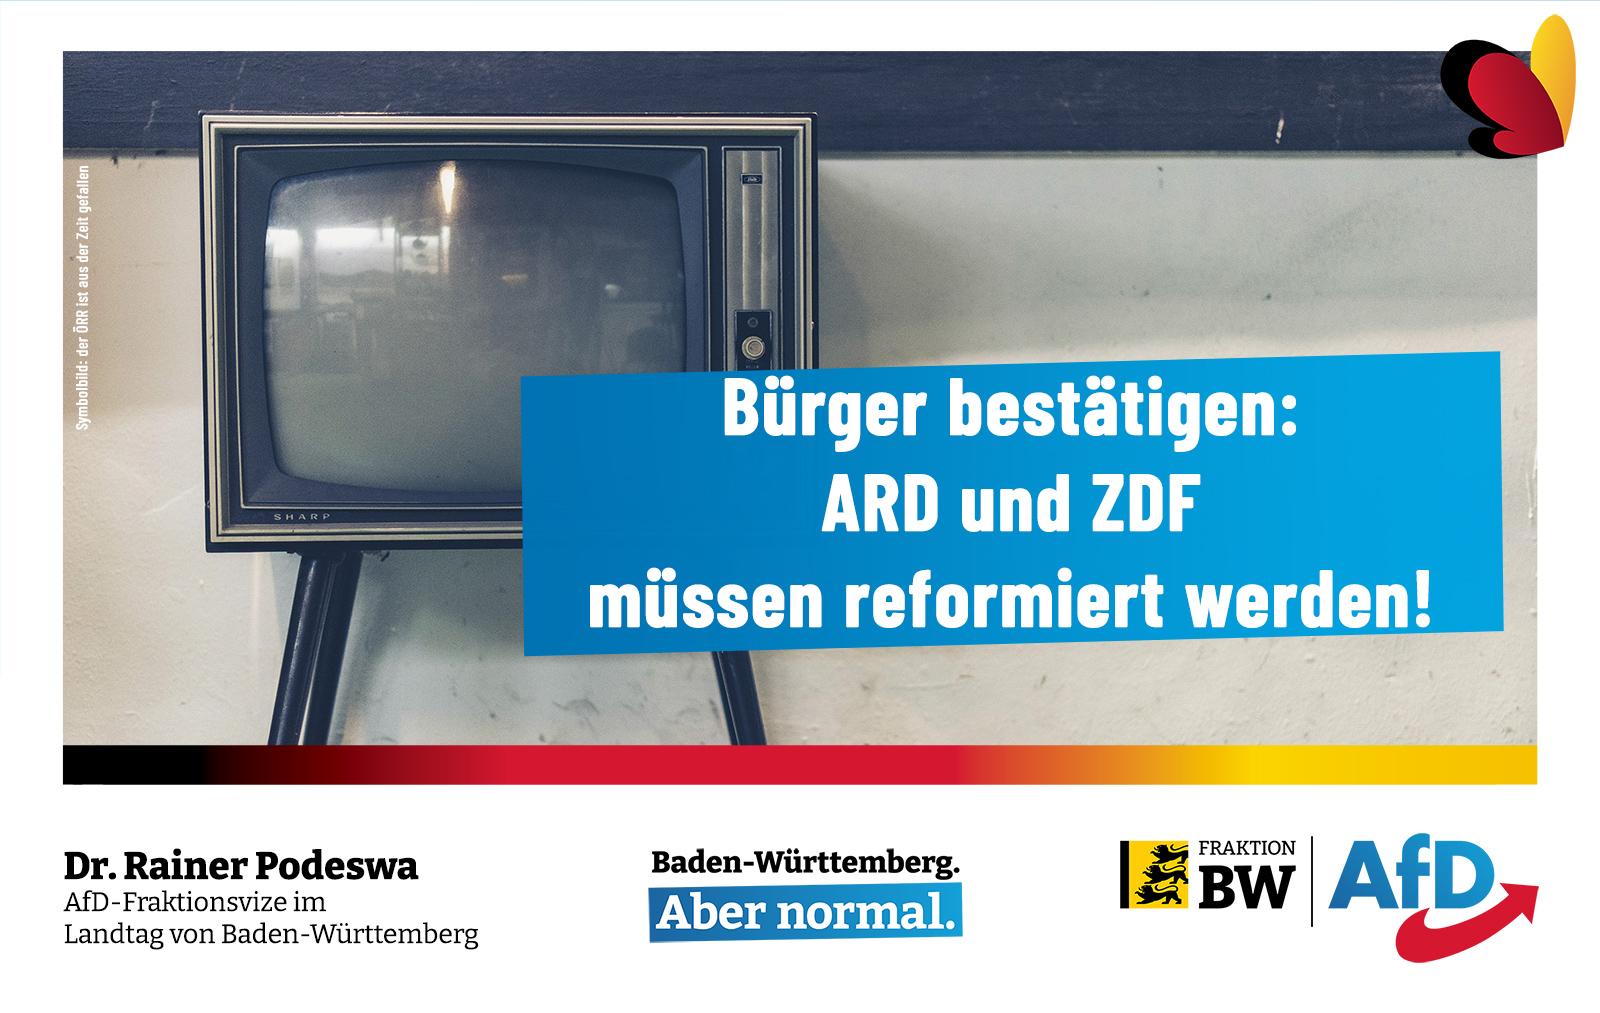 Dr. Rainer Podeswa: Bürger bestätigen: ARD und ZDF müssen reformiert werden